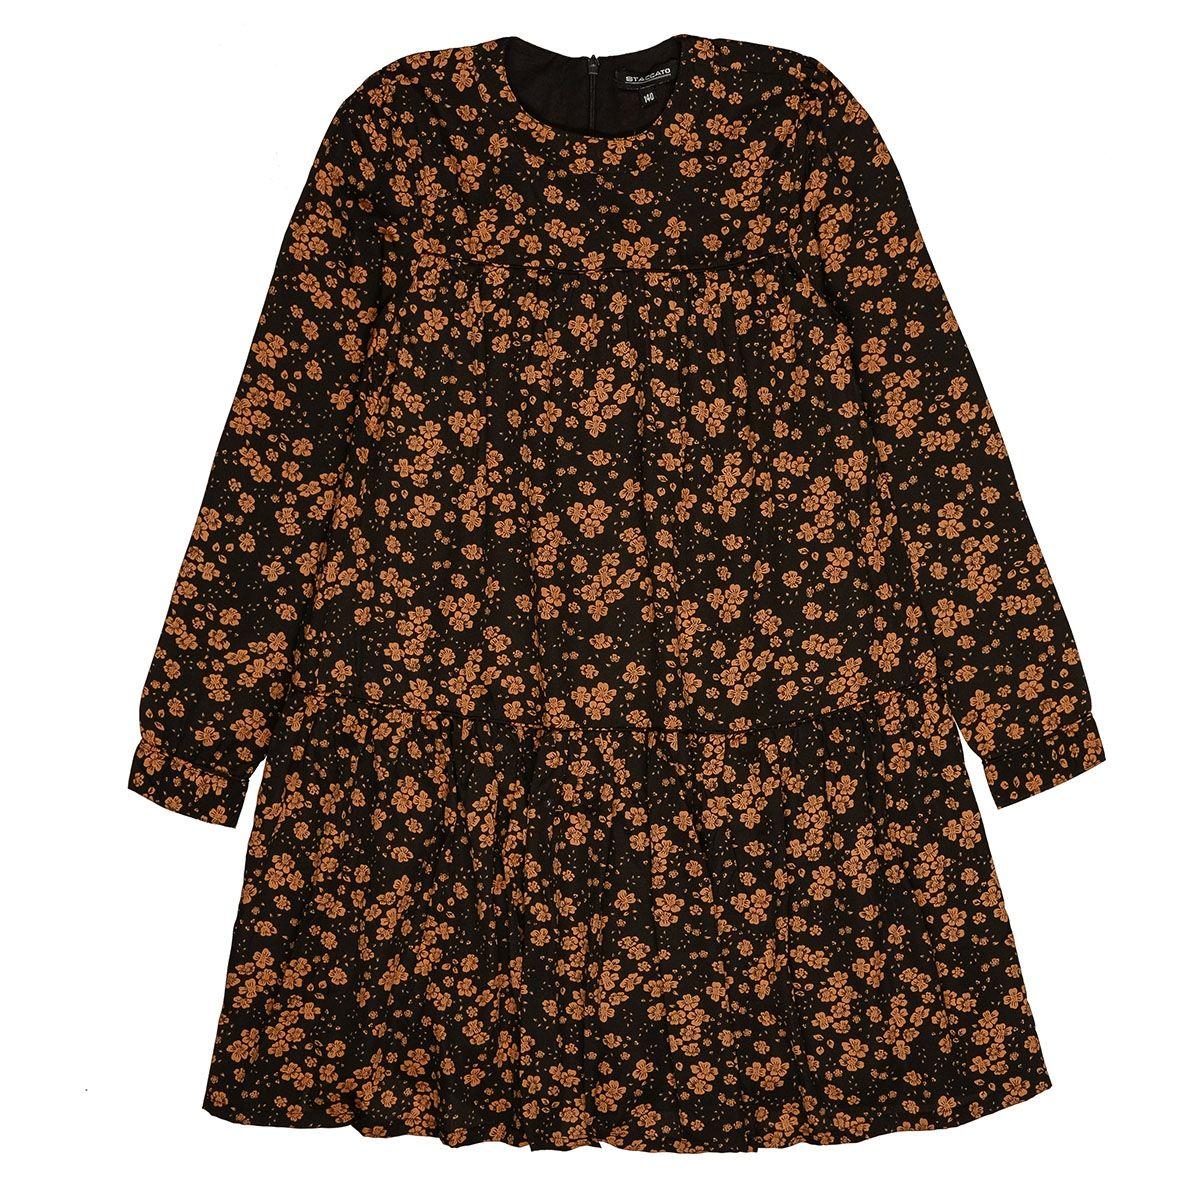 Kleid mit Allover-Blumen-Print - Black